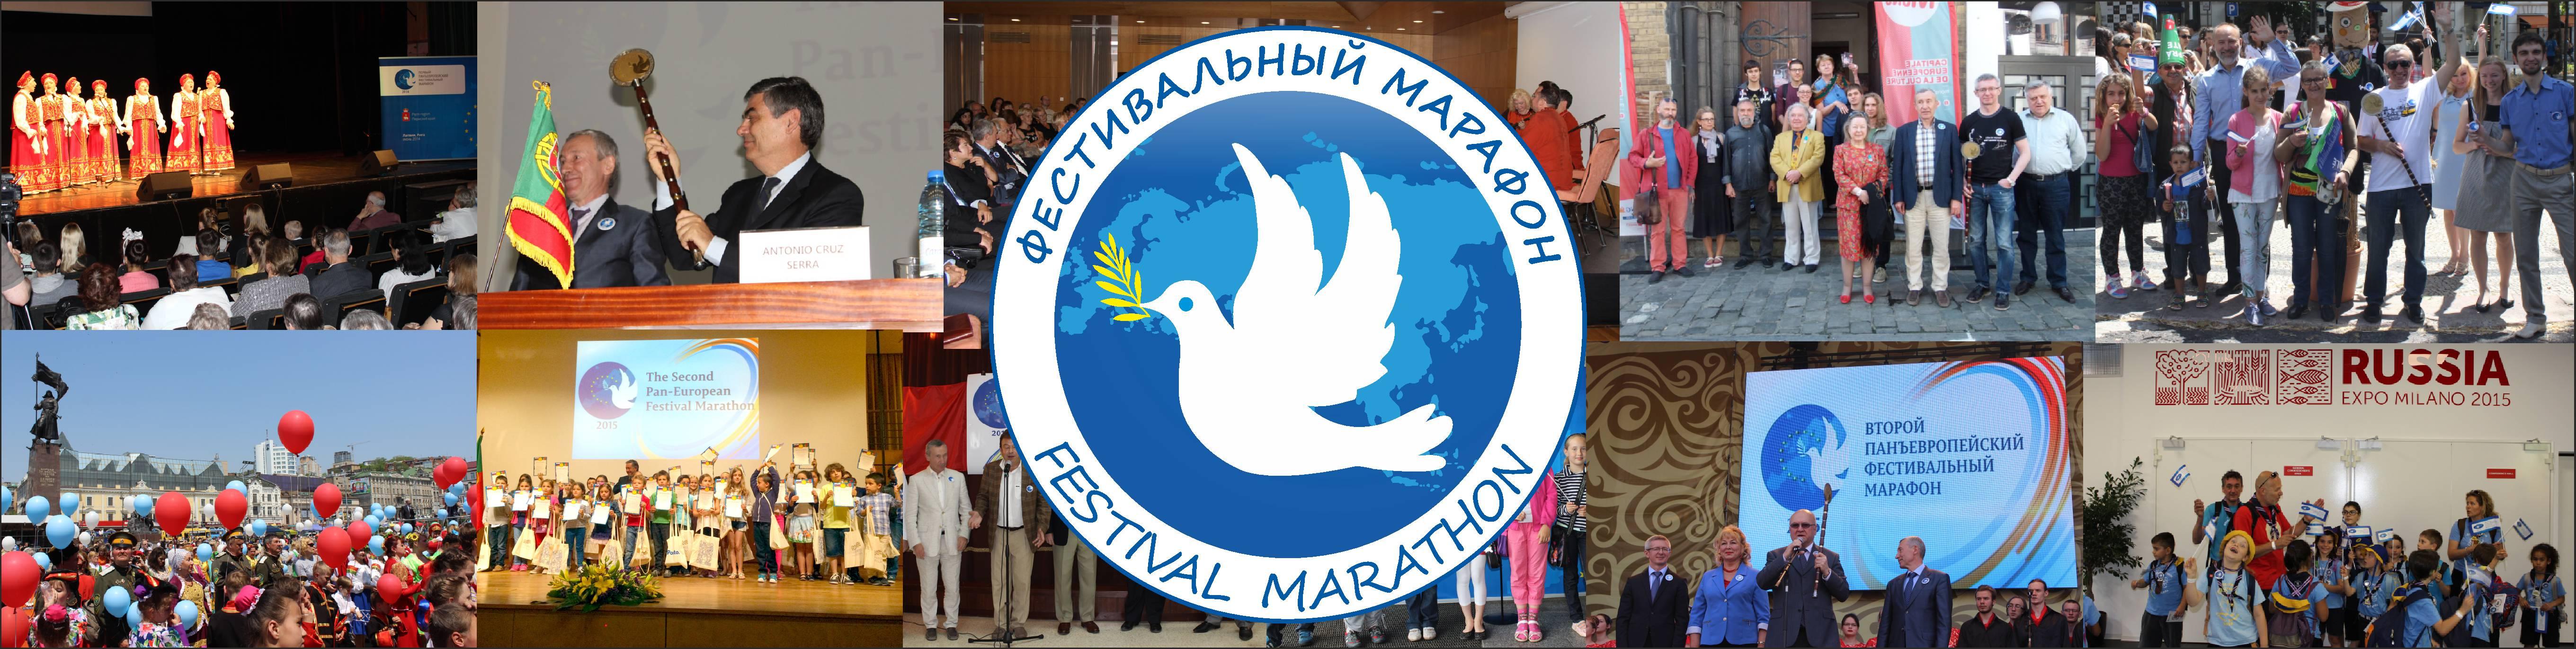 Festival Marathon